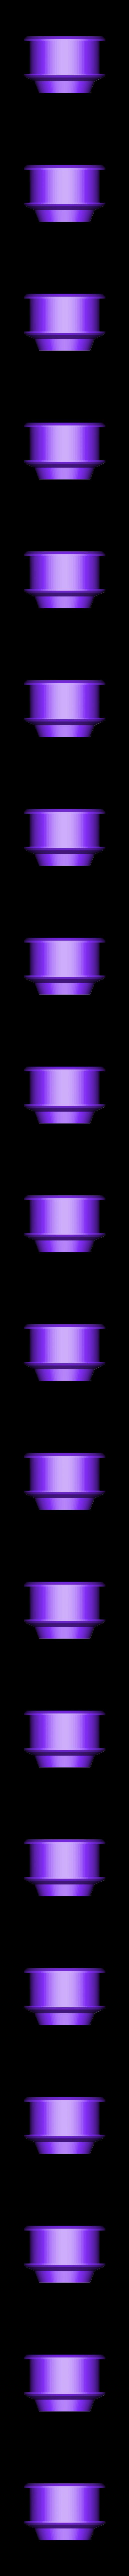 Knob-bolt-m4-ABS.STL Télécharger fichier STL gratuit Outil de ponçage 2 • Objet pour impression 3D, perinski